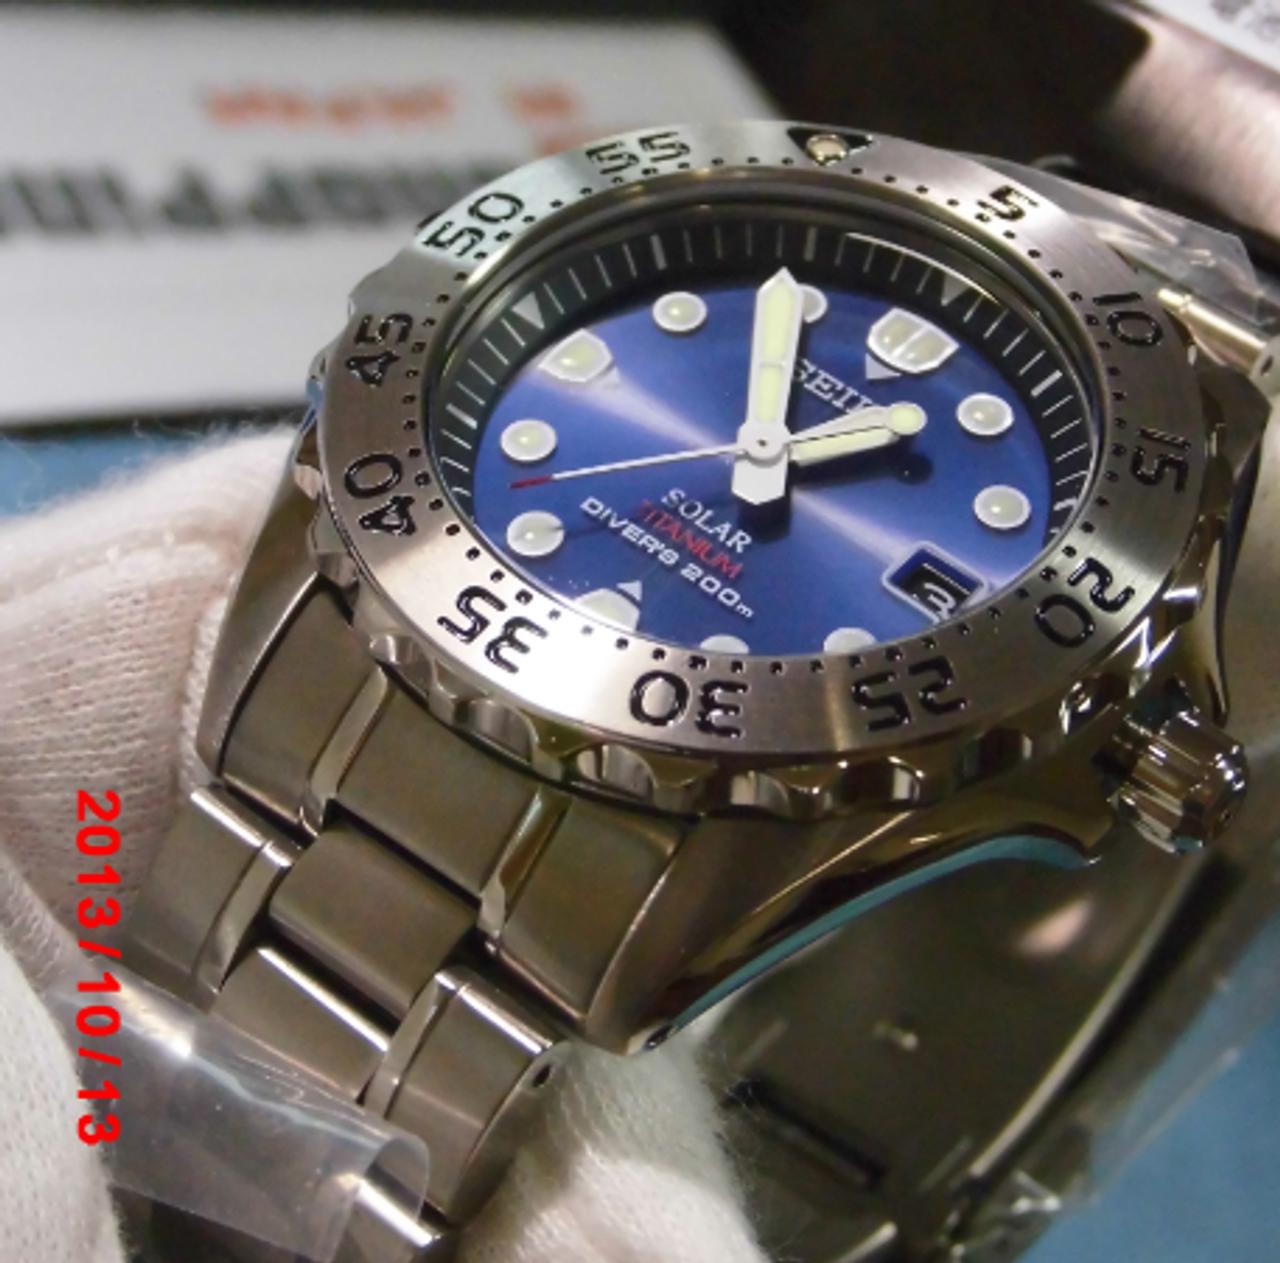 Prospex SBDN003